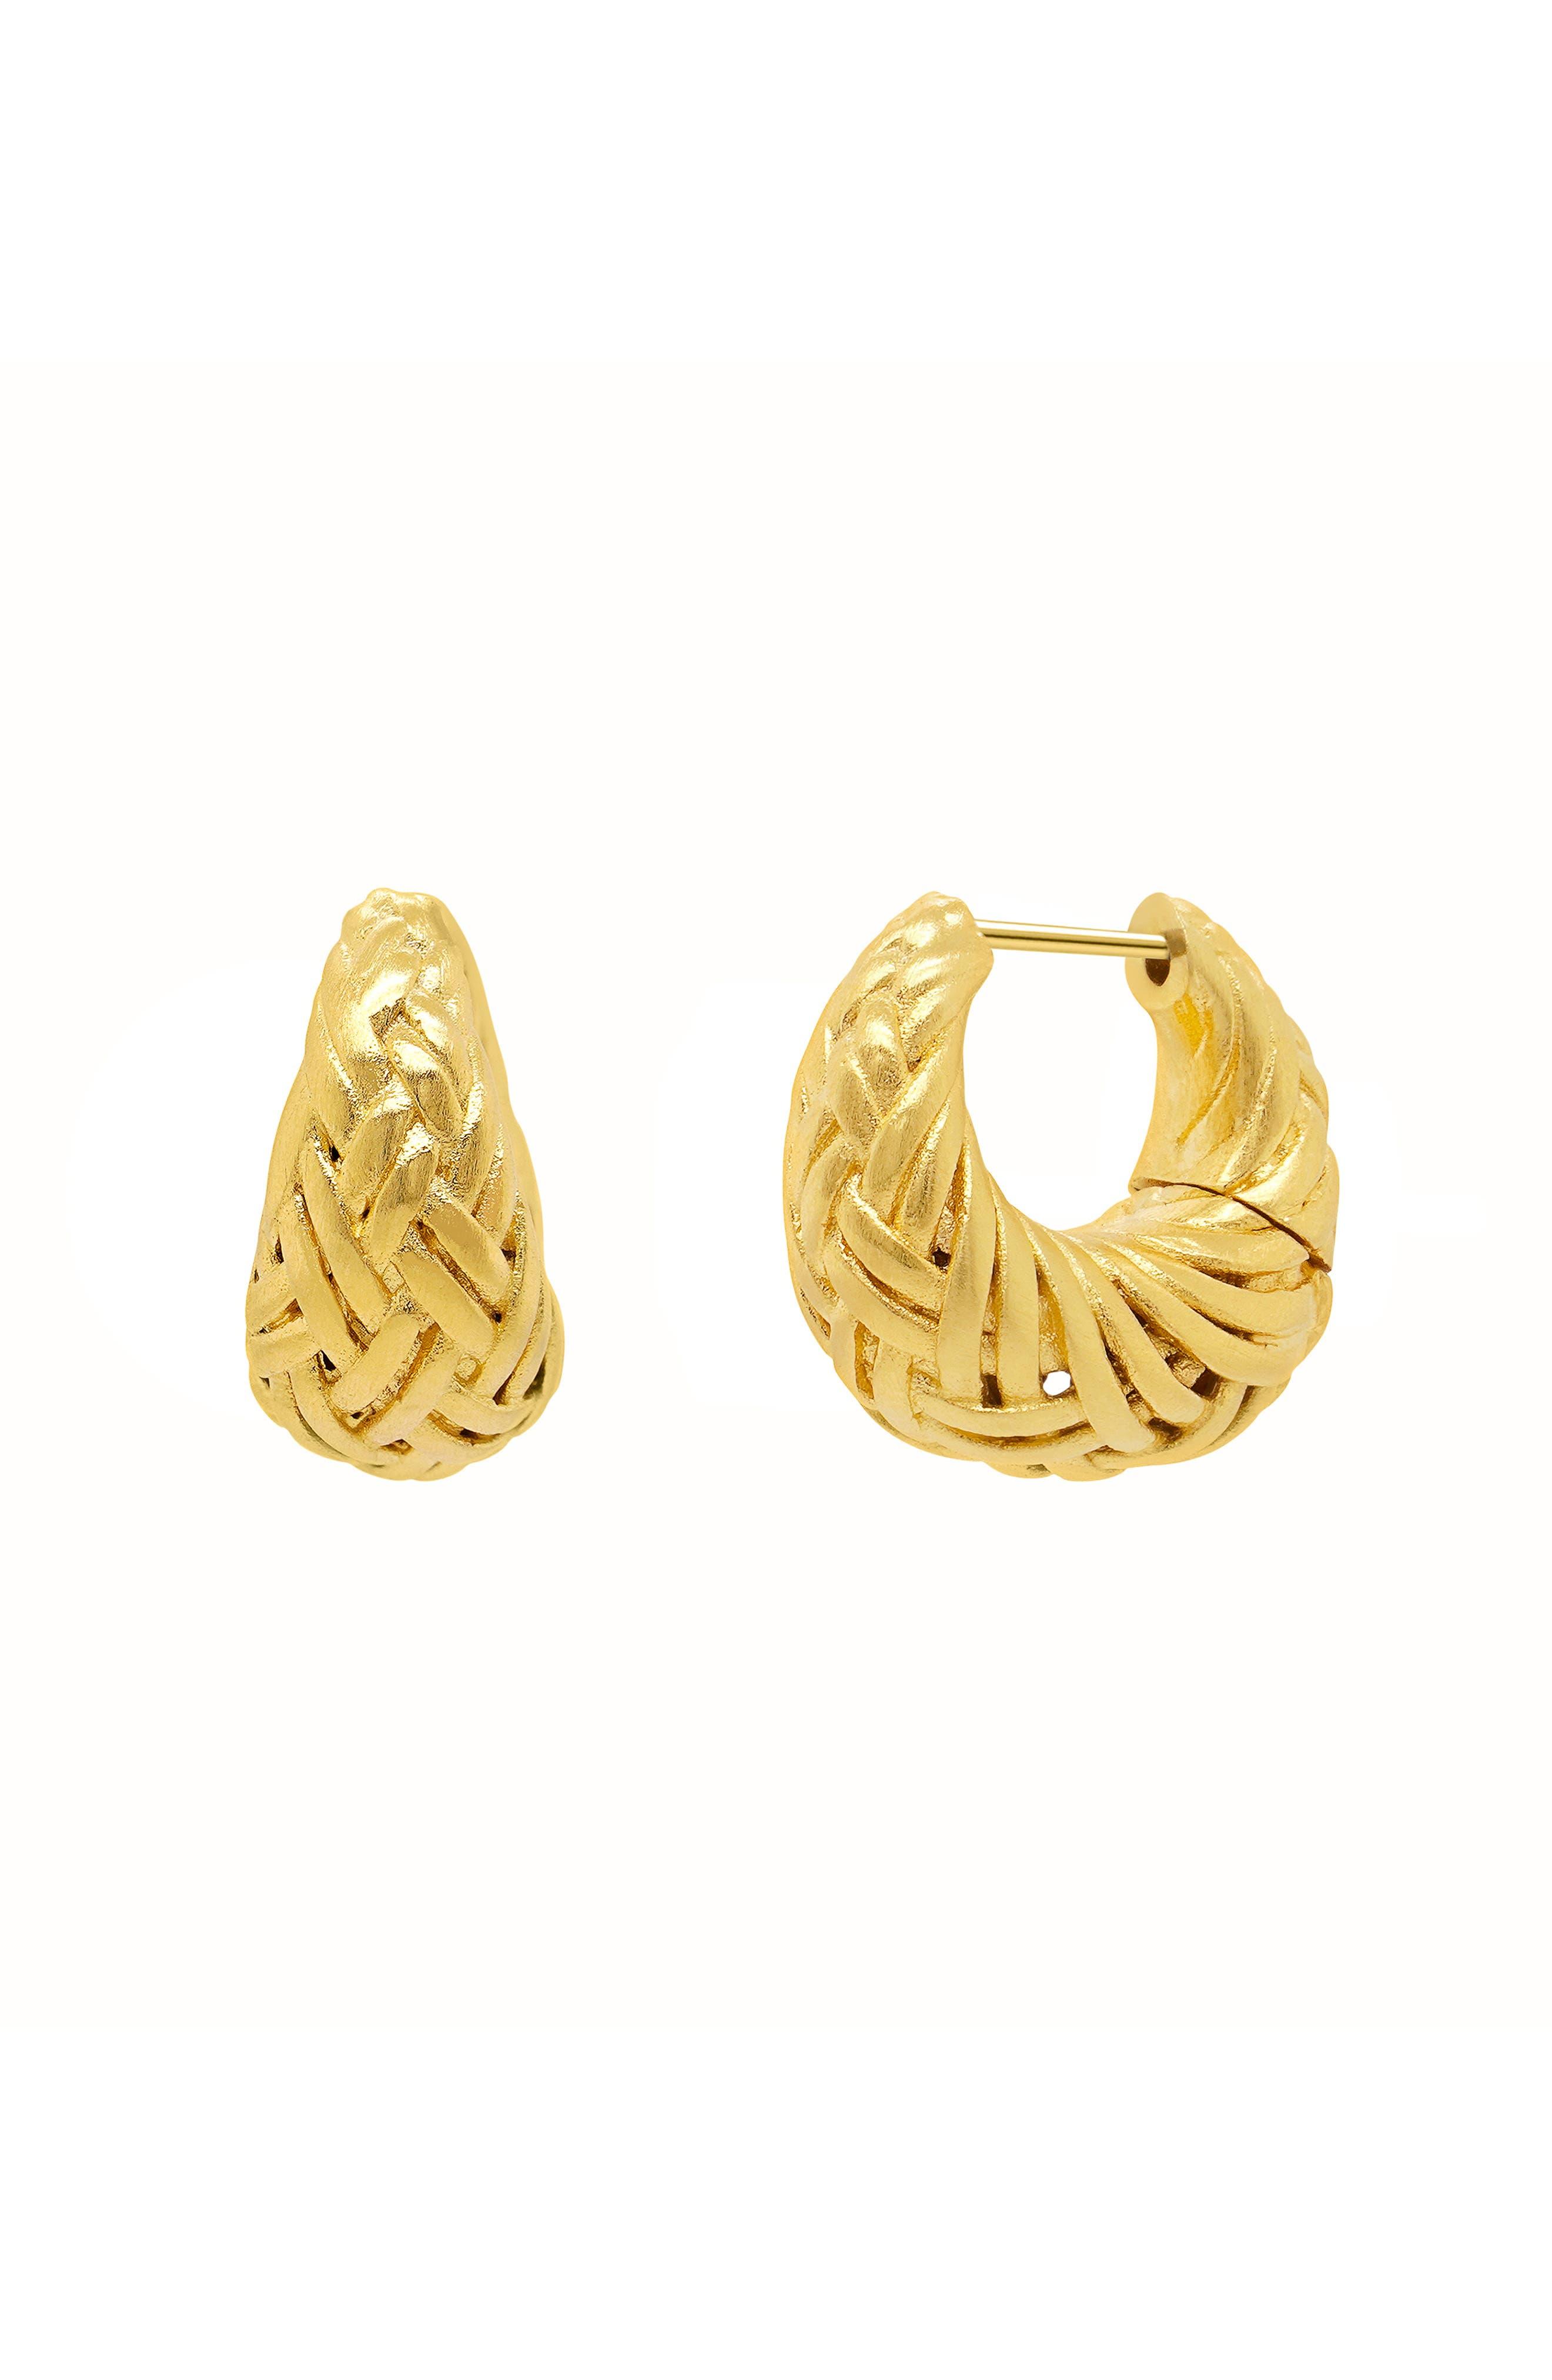 Weave Huggie Earring